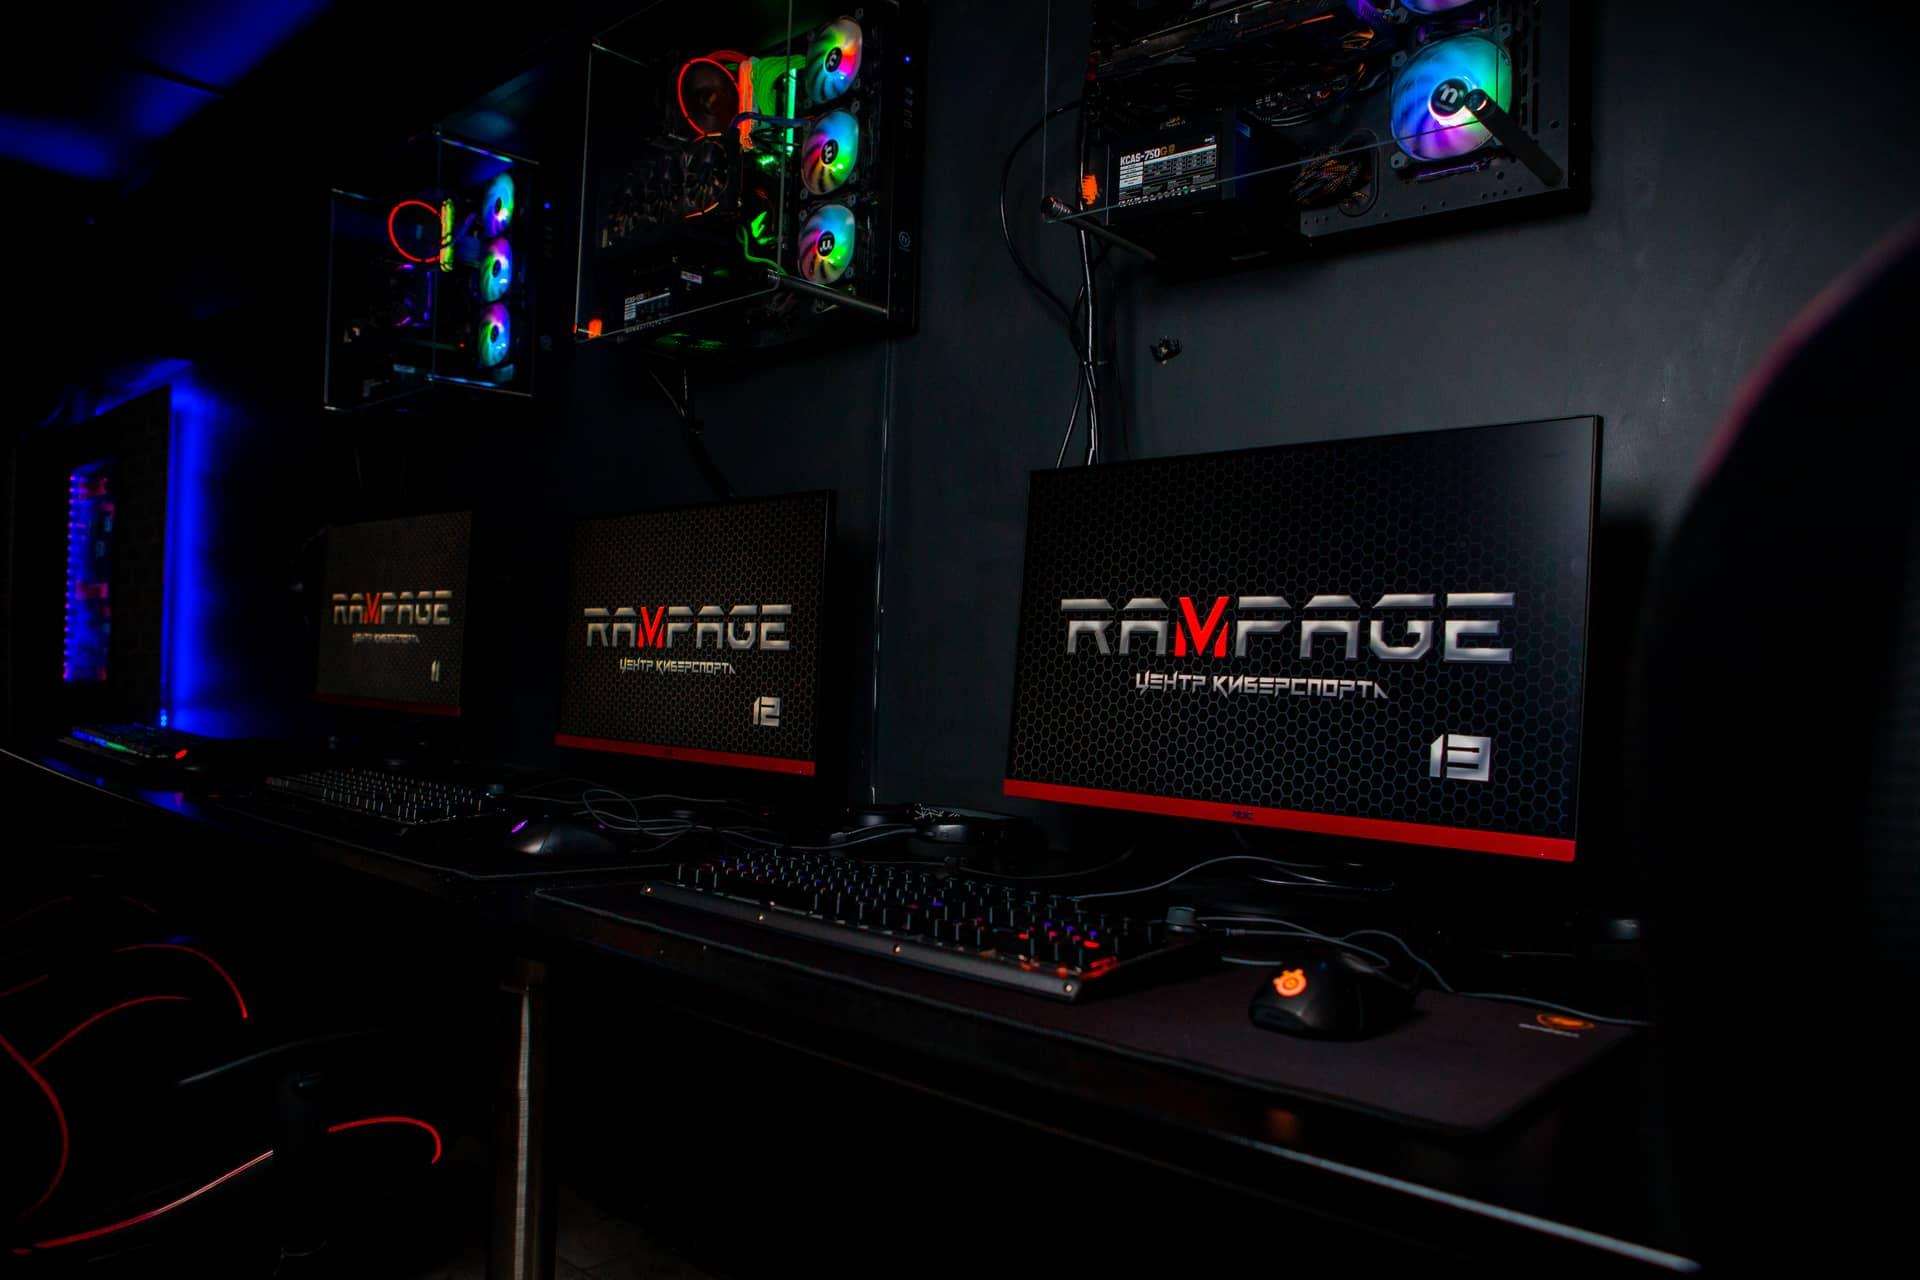 Компьютерный клуб круглосуточный москва все вакансии в ночном клубе москвы